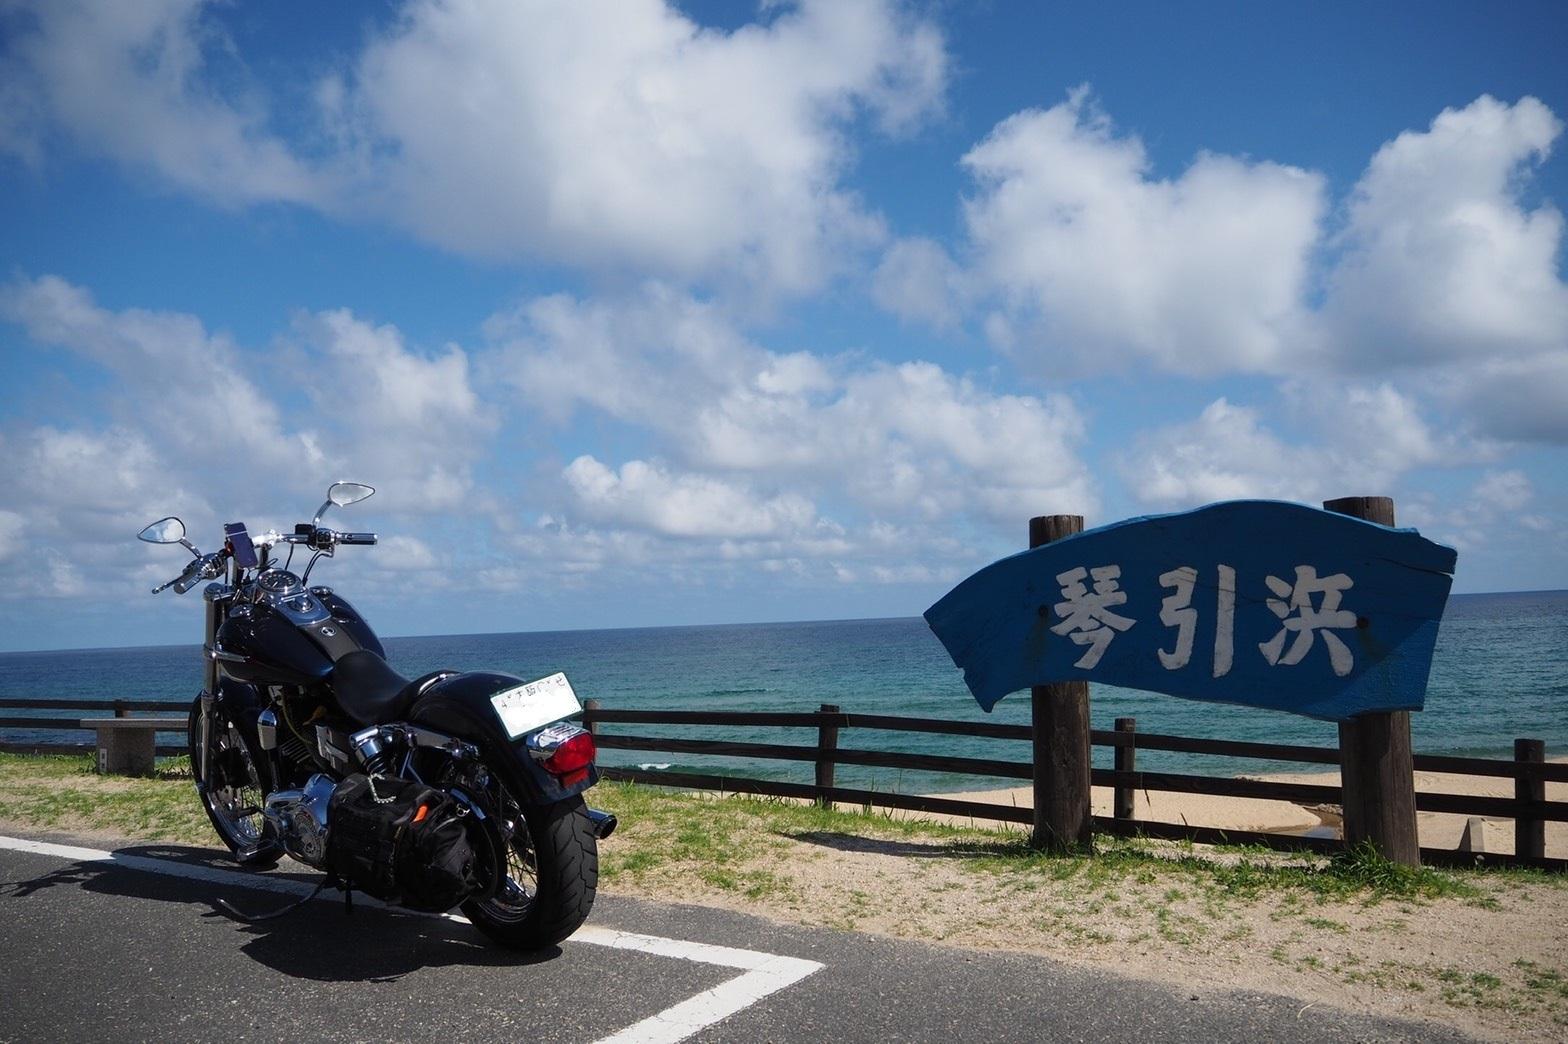 ぴーきち&ダイナ ハーレーブログ 京都丹後半島ツーリンング 琴引浜